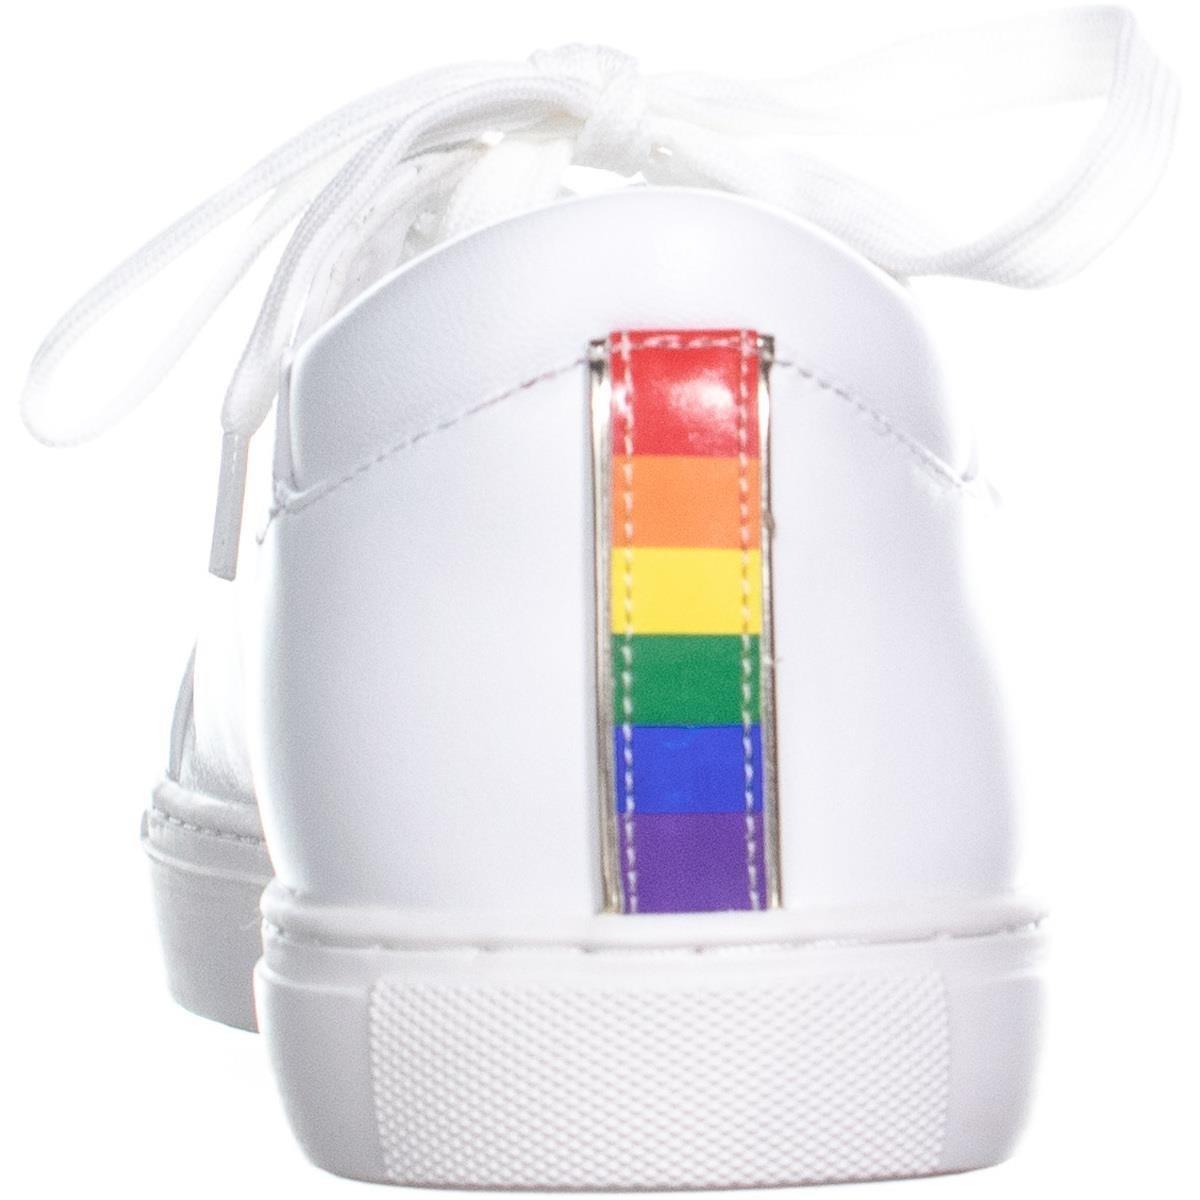 Kenneth Cole Women's 6.5 Kam Pride Sneaker B071XY767S 6.5 Women's B(M) US|White 4a7ca4